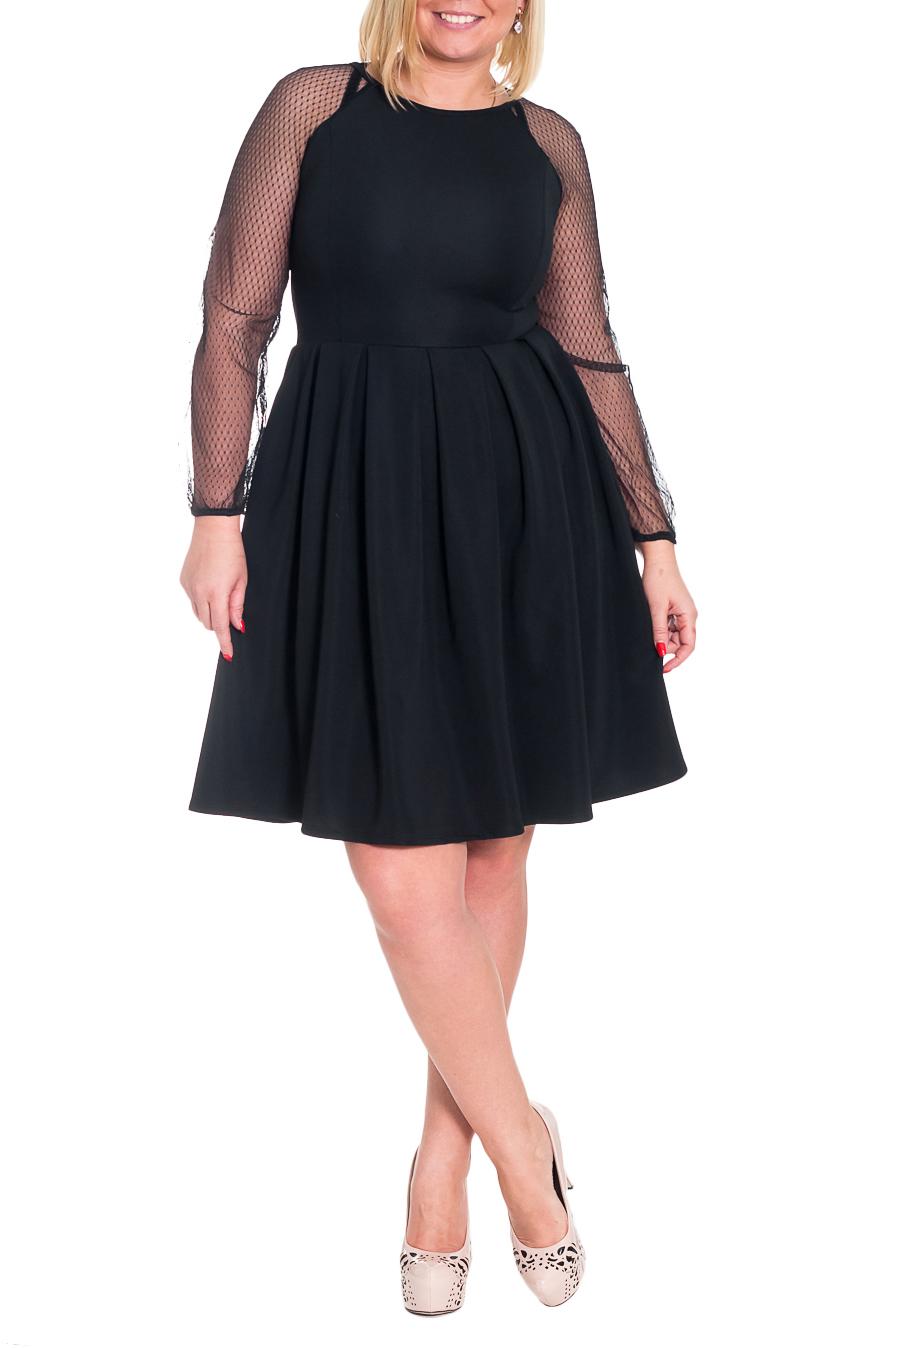 ПлатьеПлатья<br>Женственное платье приталенного силуэта, отрезное по линии талии. На лифе рельефы от проймы. По юбке заложены встречные складки. Горловина обработана окантовкой. Рукав реглан, длинный, со сборкой по низу. Цвет: черный.  Длина рукава - 60 ± 1 см  Рост девушки-фотомодели 170 см  Длина изделия - 92 ± 2 см<br><br>Горловина: С- горловина<br>По длине: До колена<br>По материалу: Гипюровая сетка,Трикотаж<br>По рисунку: Однотонные<br>По сезону: Весна,Зима,Лето,Осень,Всесезон<br>По силуэту: Приталенные<br>По стилю: Готический стиль,Нарядный стиль<br>По форме: Платье - трапеция<br>По элементам: С декором,Со складками<br>Рукав: Длинный рукав<br>Размер : 46,48<br>Материал: Трикотаж + Гипюровая сетка<br>Количество в наличии: 6